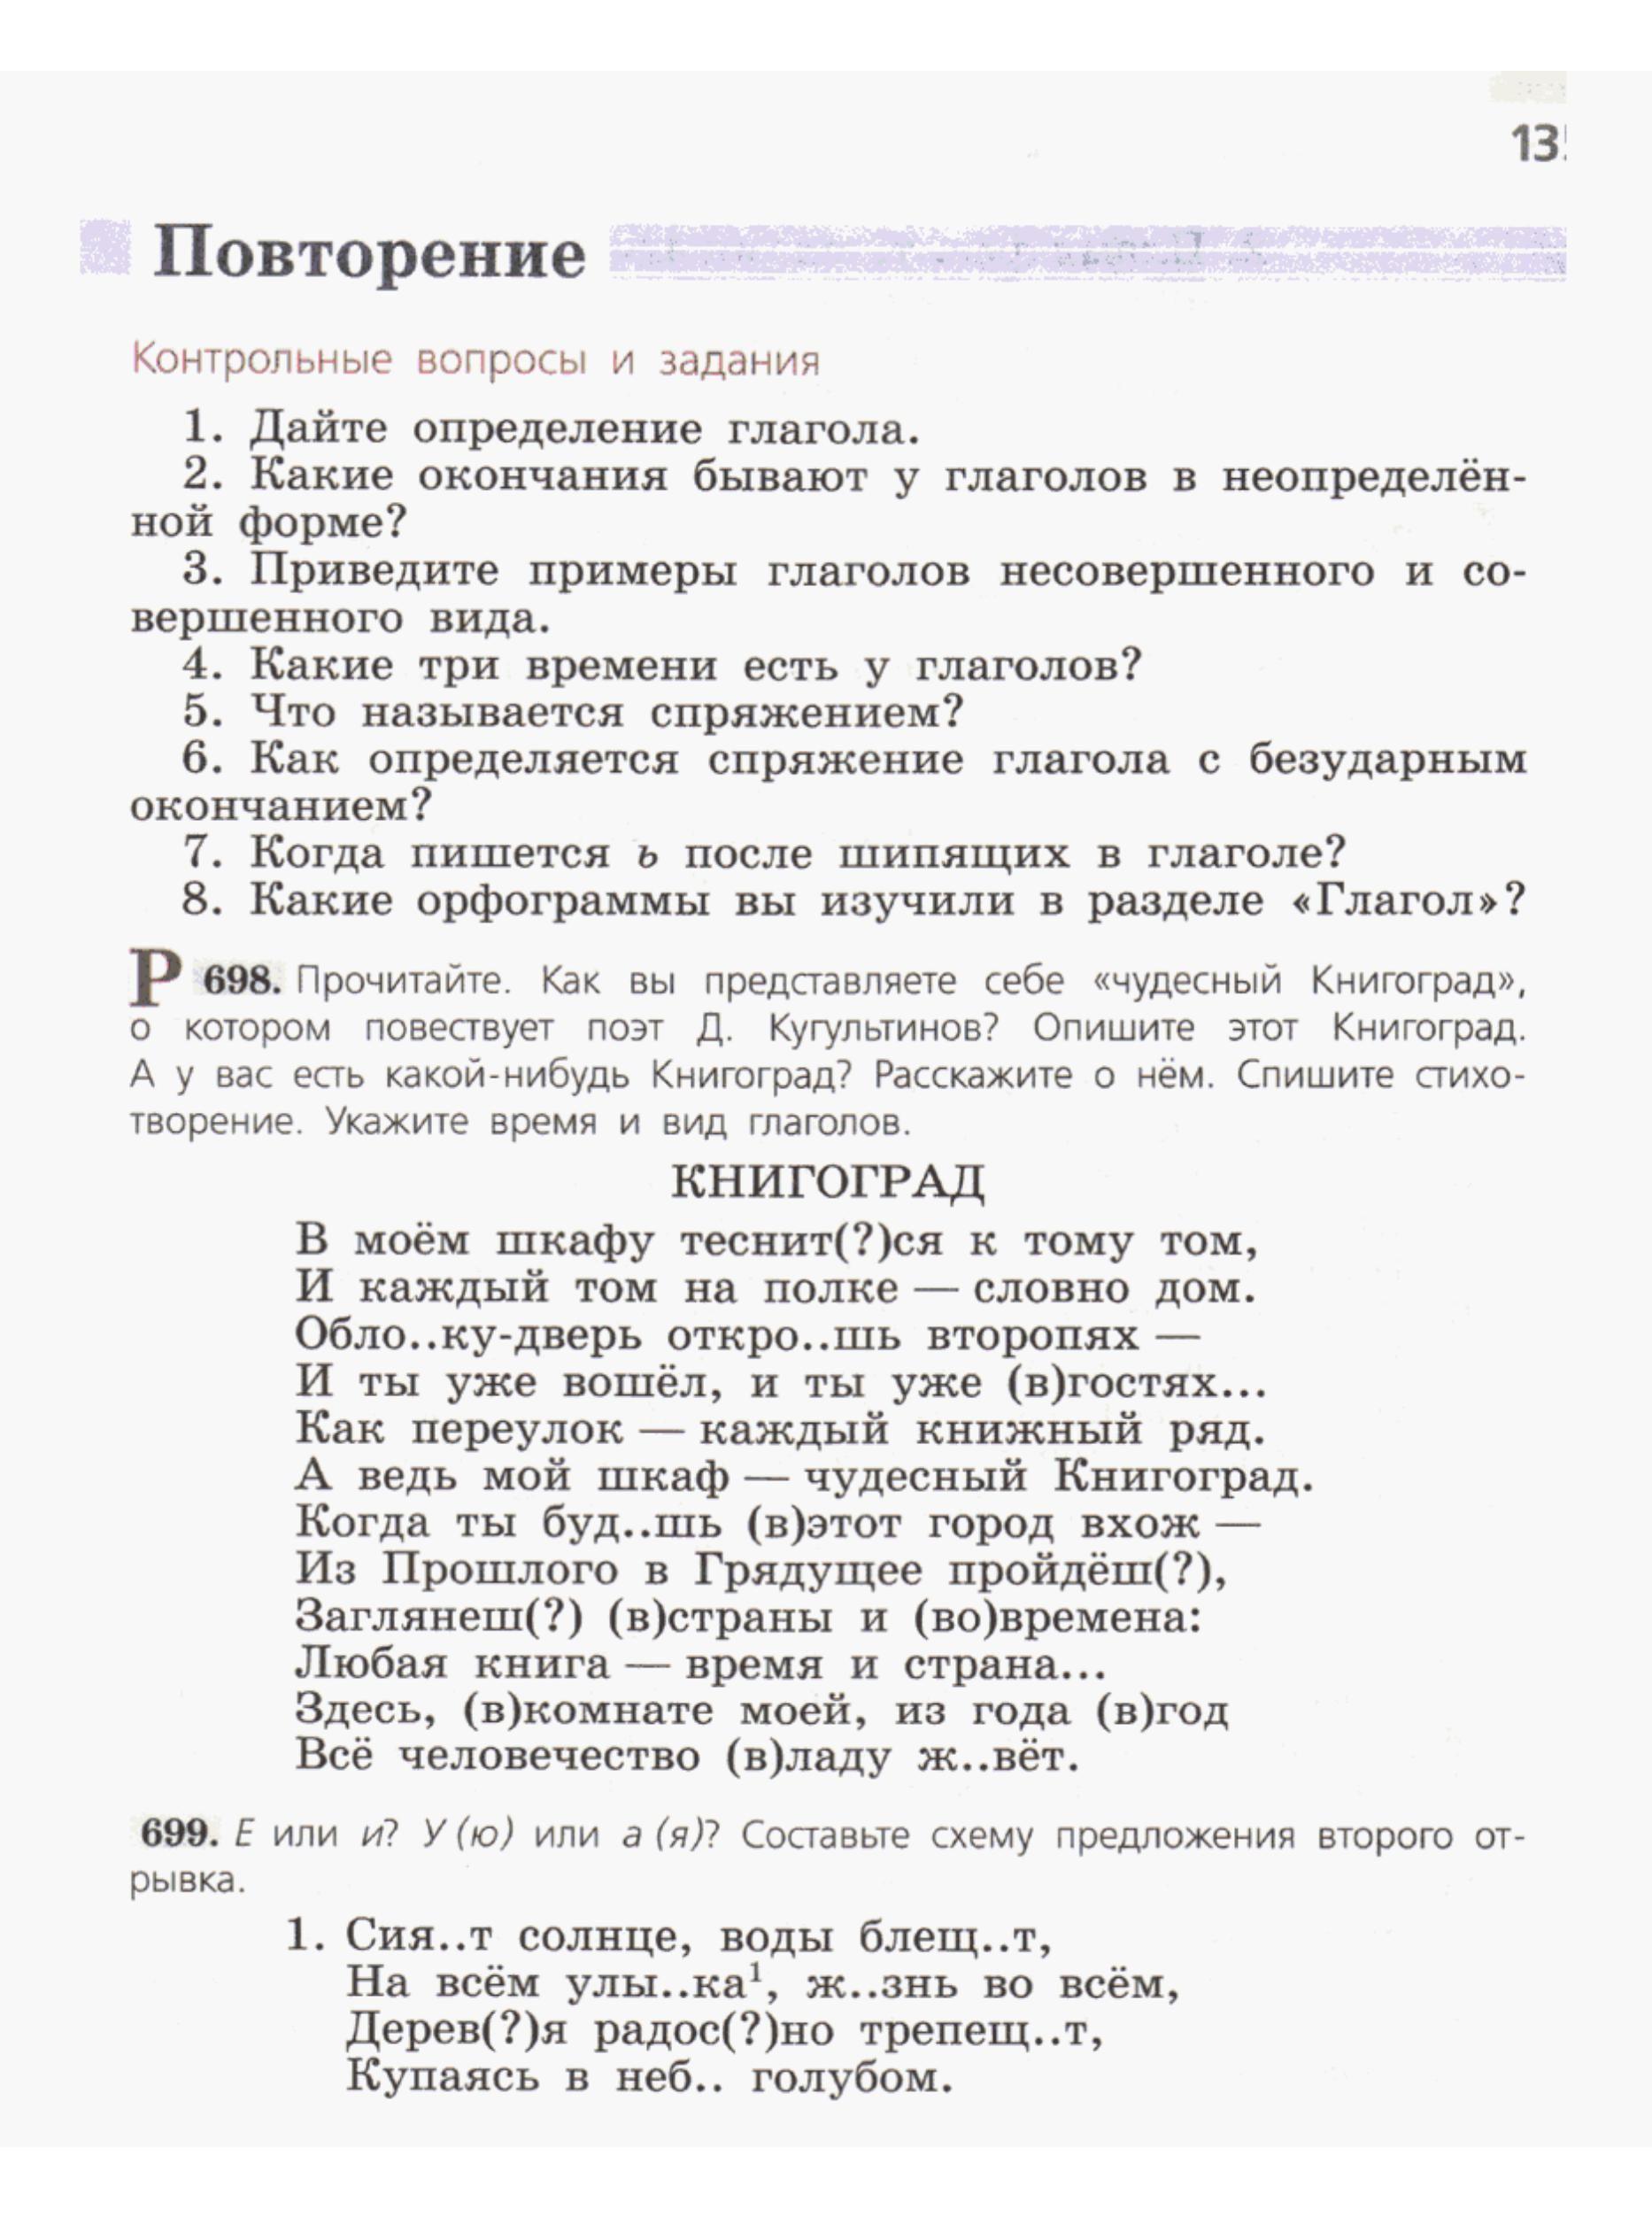 Гдз по обществознананию 8класс пораграф11 тема:спрос и предложение кравченко